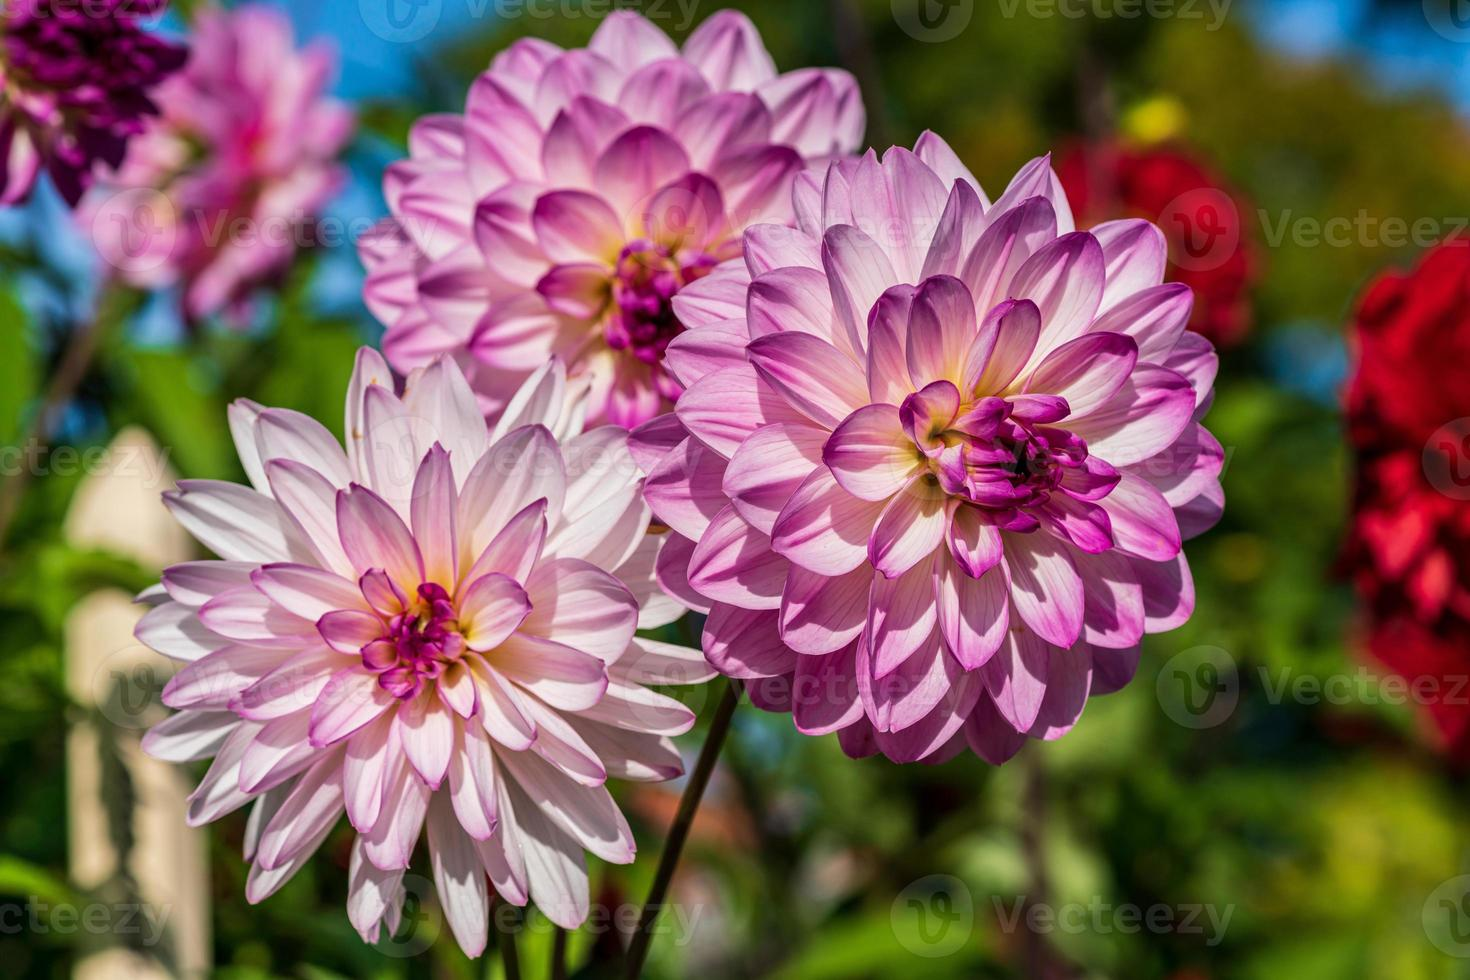 vackra rosa och vita dahlia blommor i solljus foto